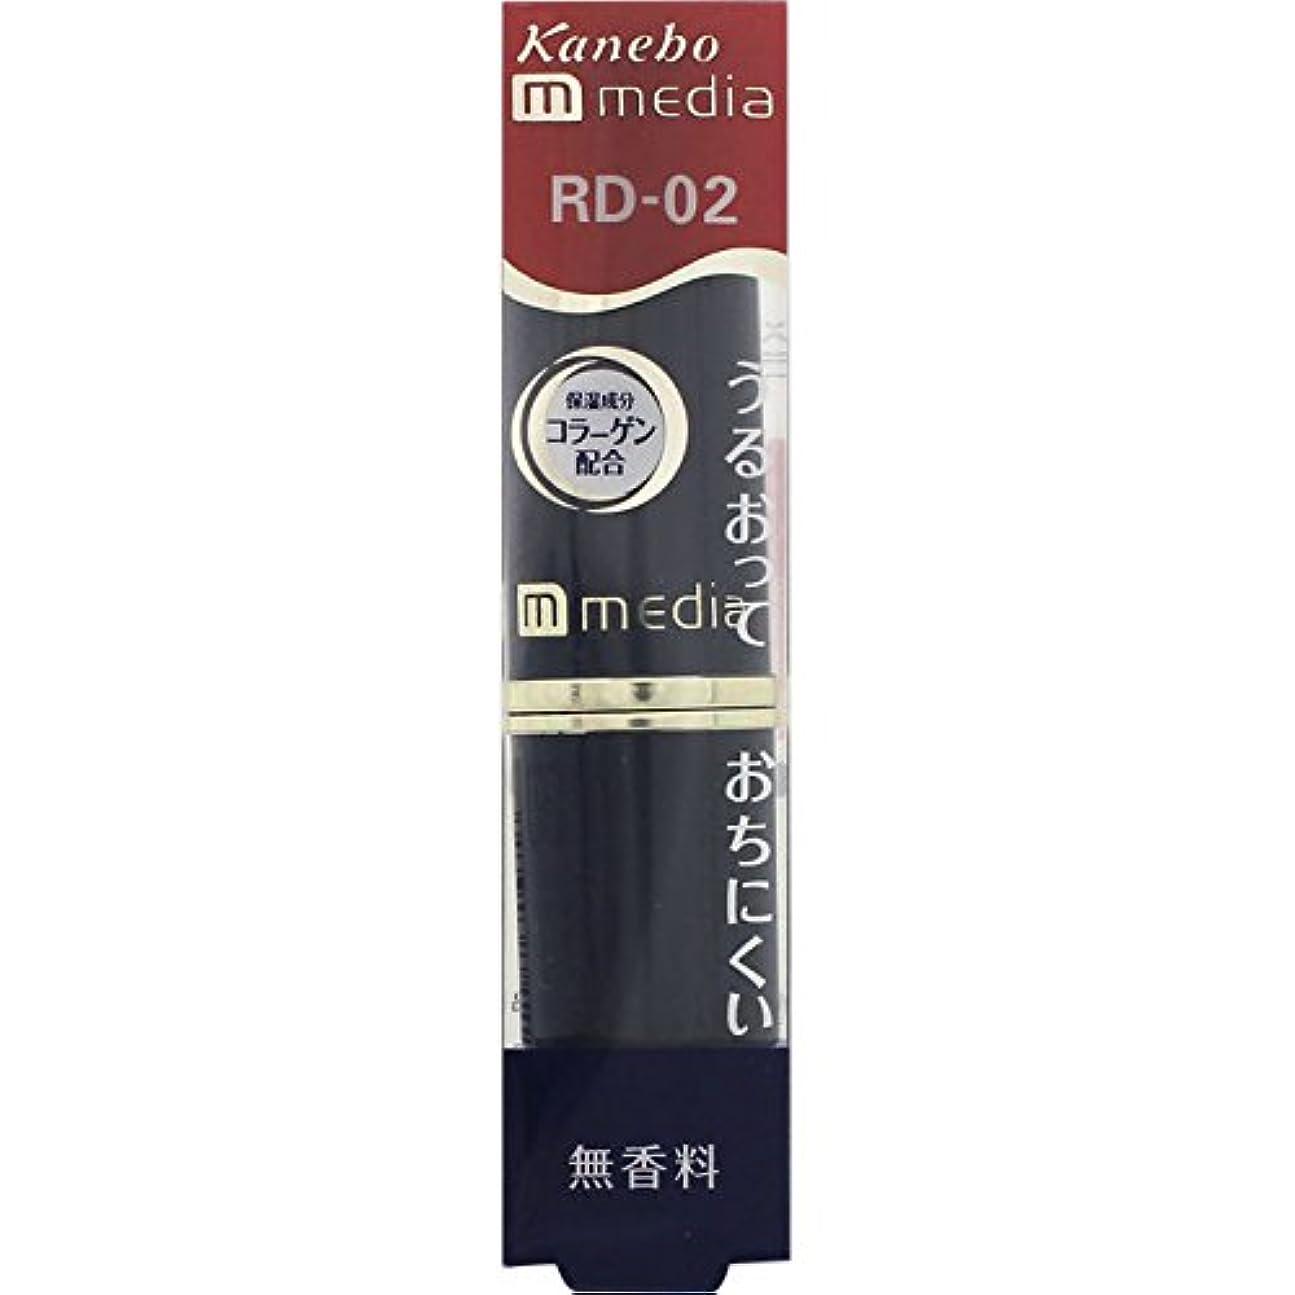 ばかげている砂冷酷なカネボウ メディア(media)クリ-ミィラスティングリツプA カラー:RD-02